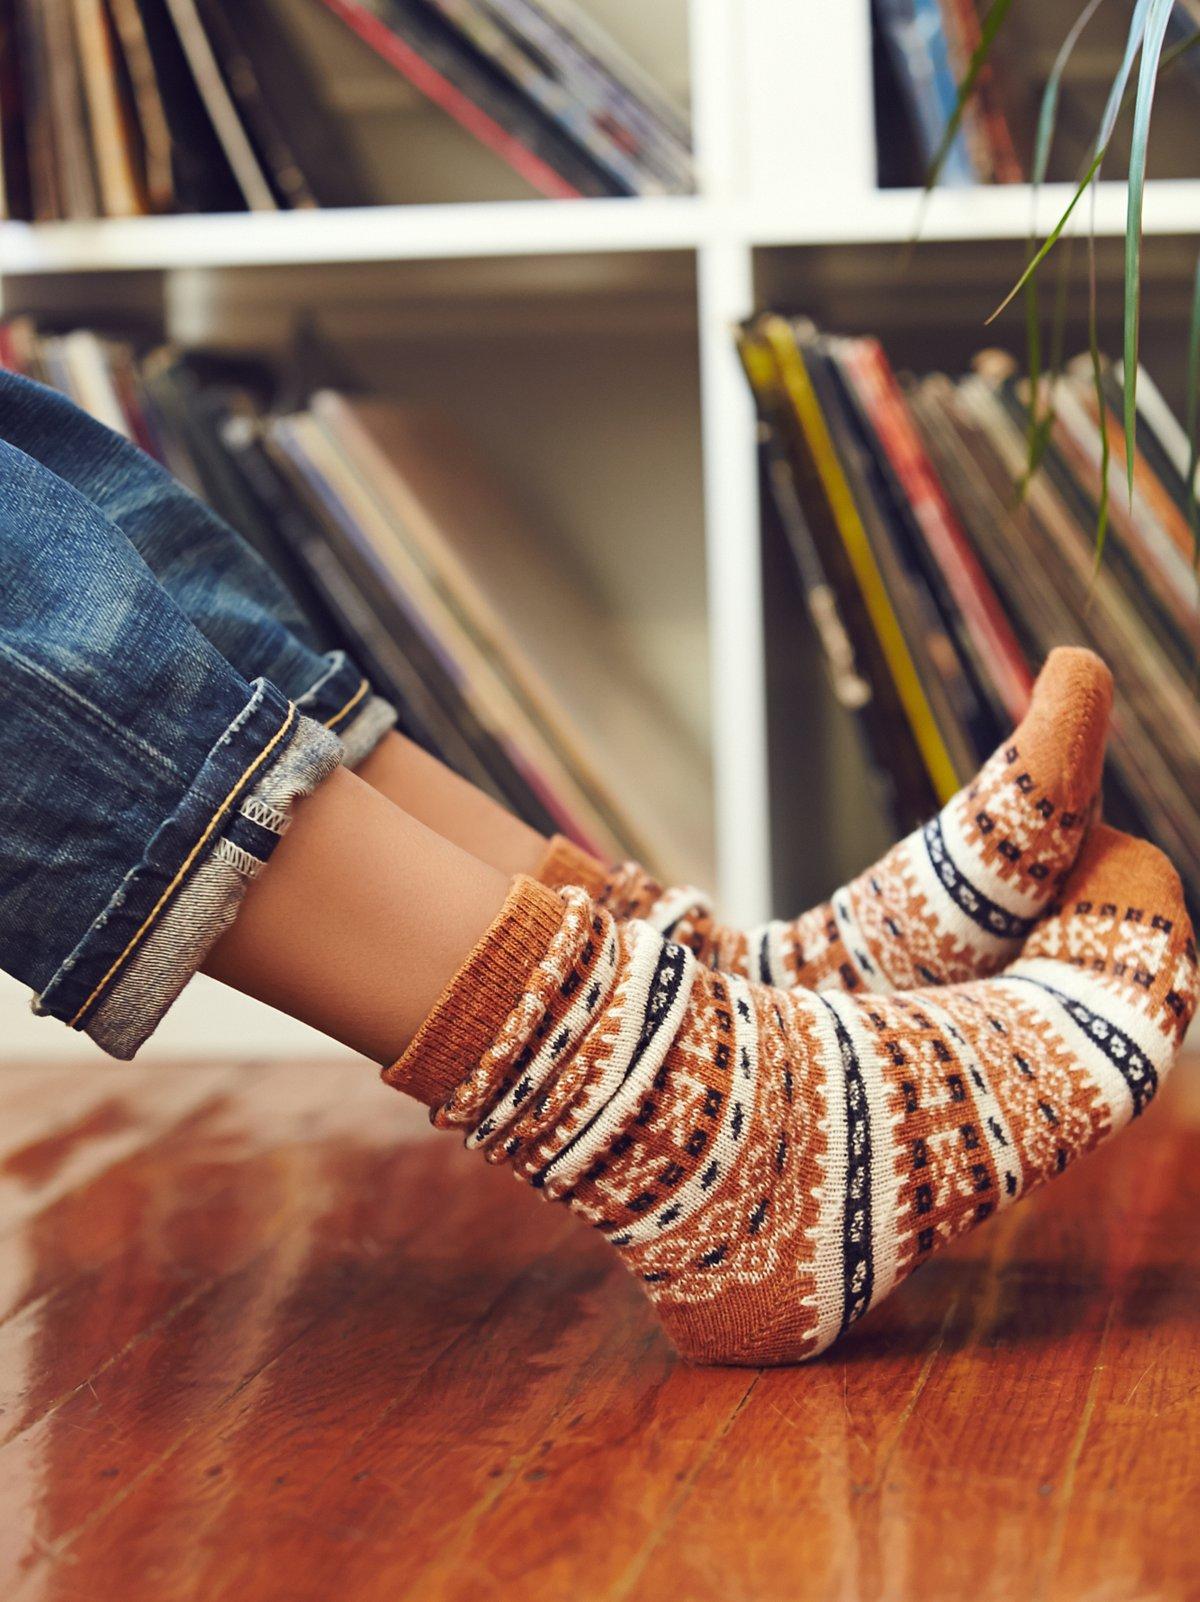 山羊绒水手袜